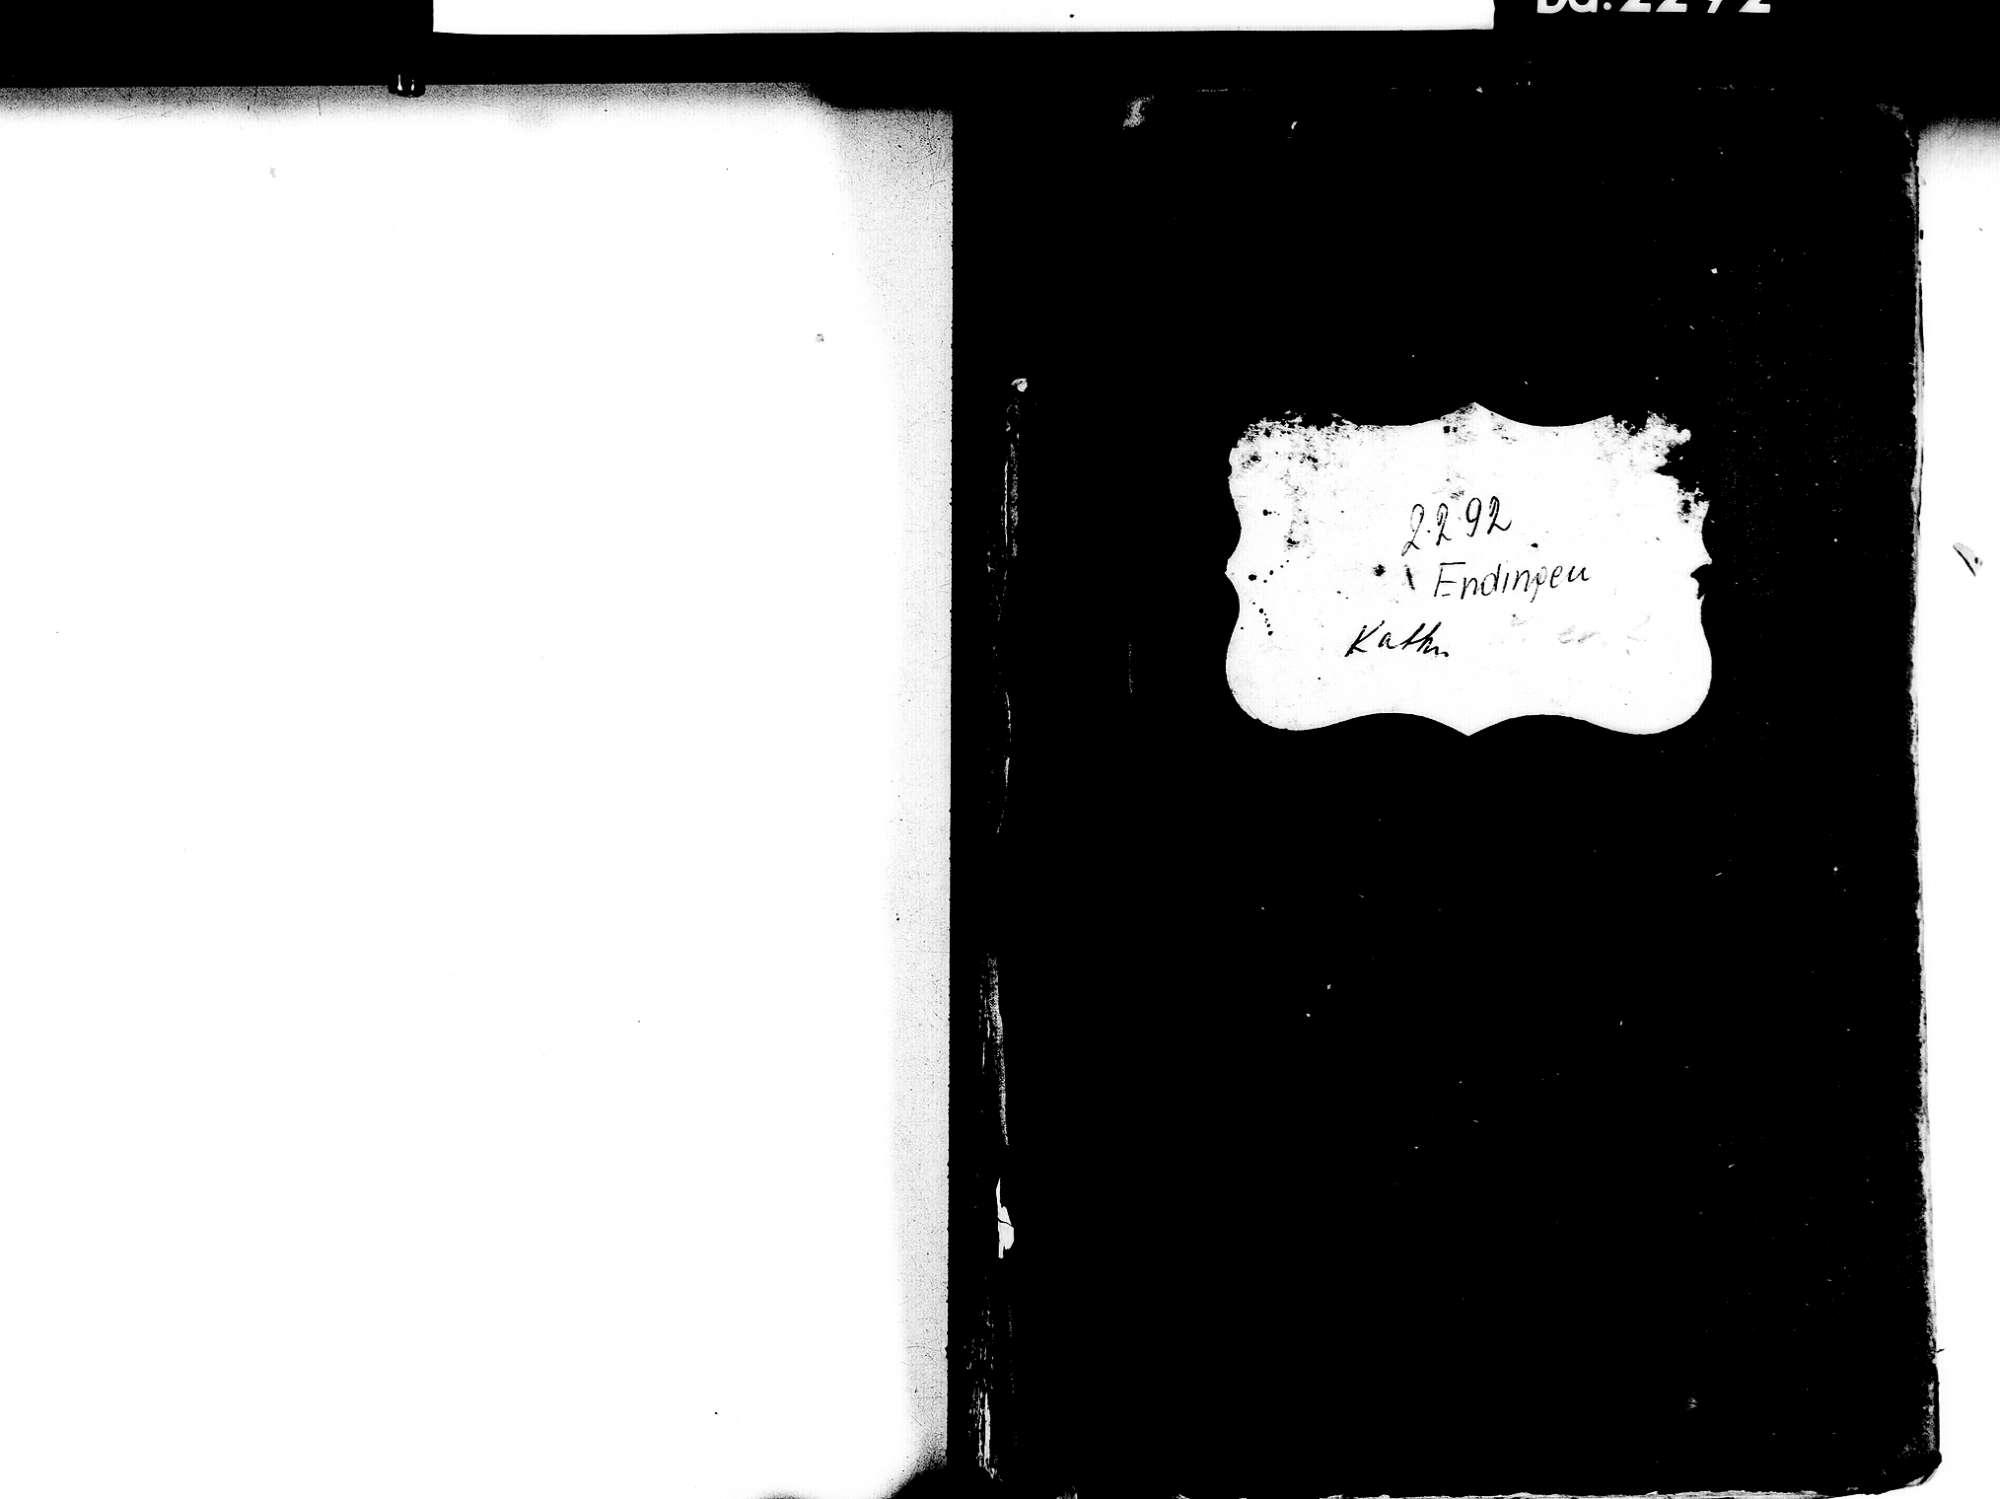 Endingen EM; Evangelische Gemeinde: Geburtenbuch 1830-1849 Endingen EM; Katholische Gemeinde: Geburtenbuch 1830-1849, Bild 2